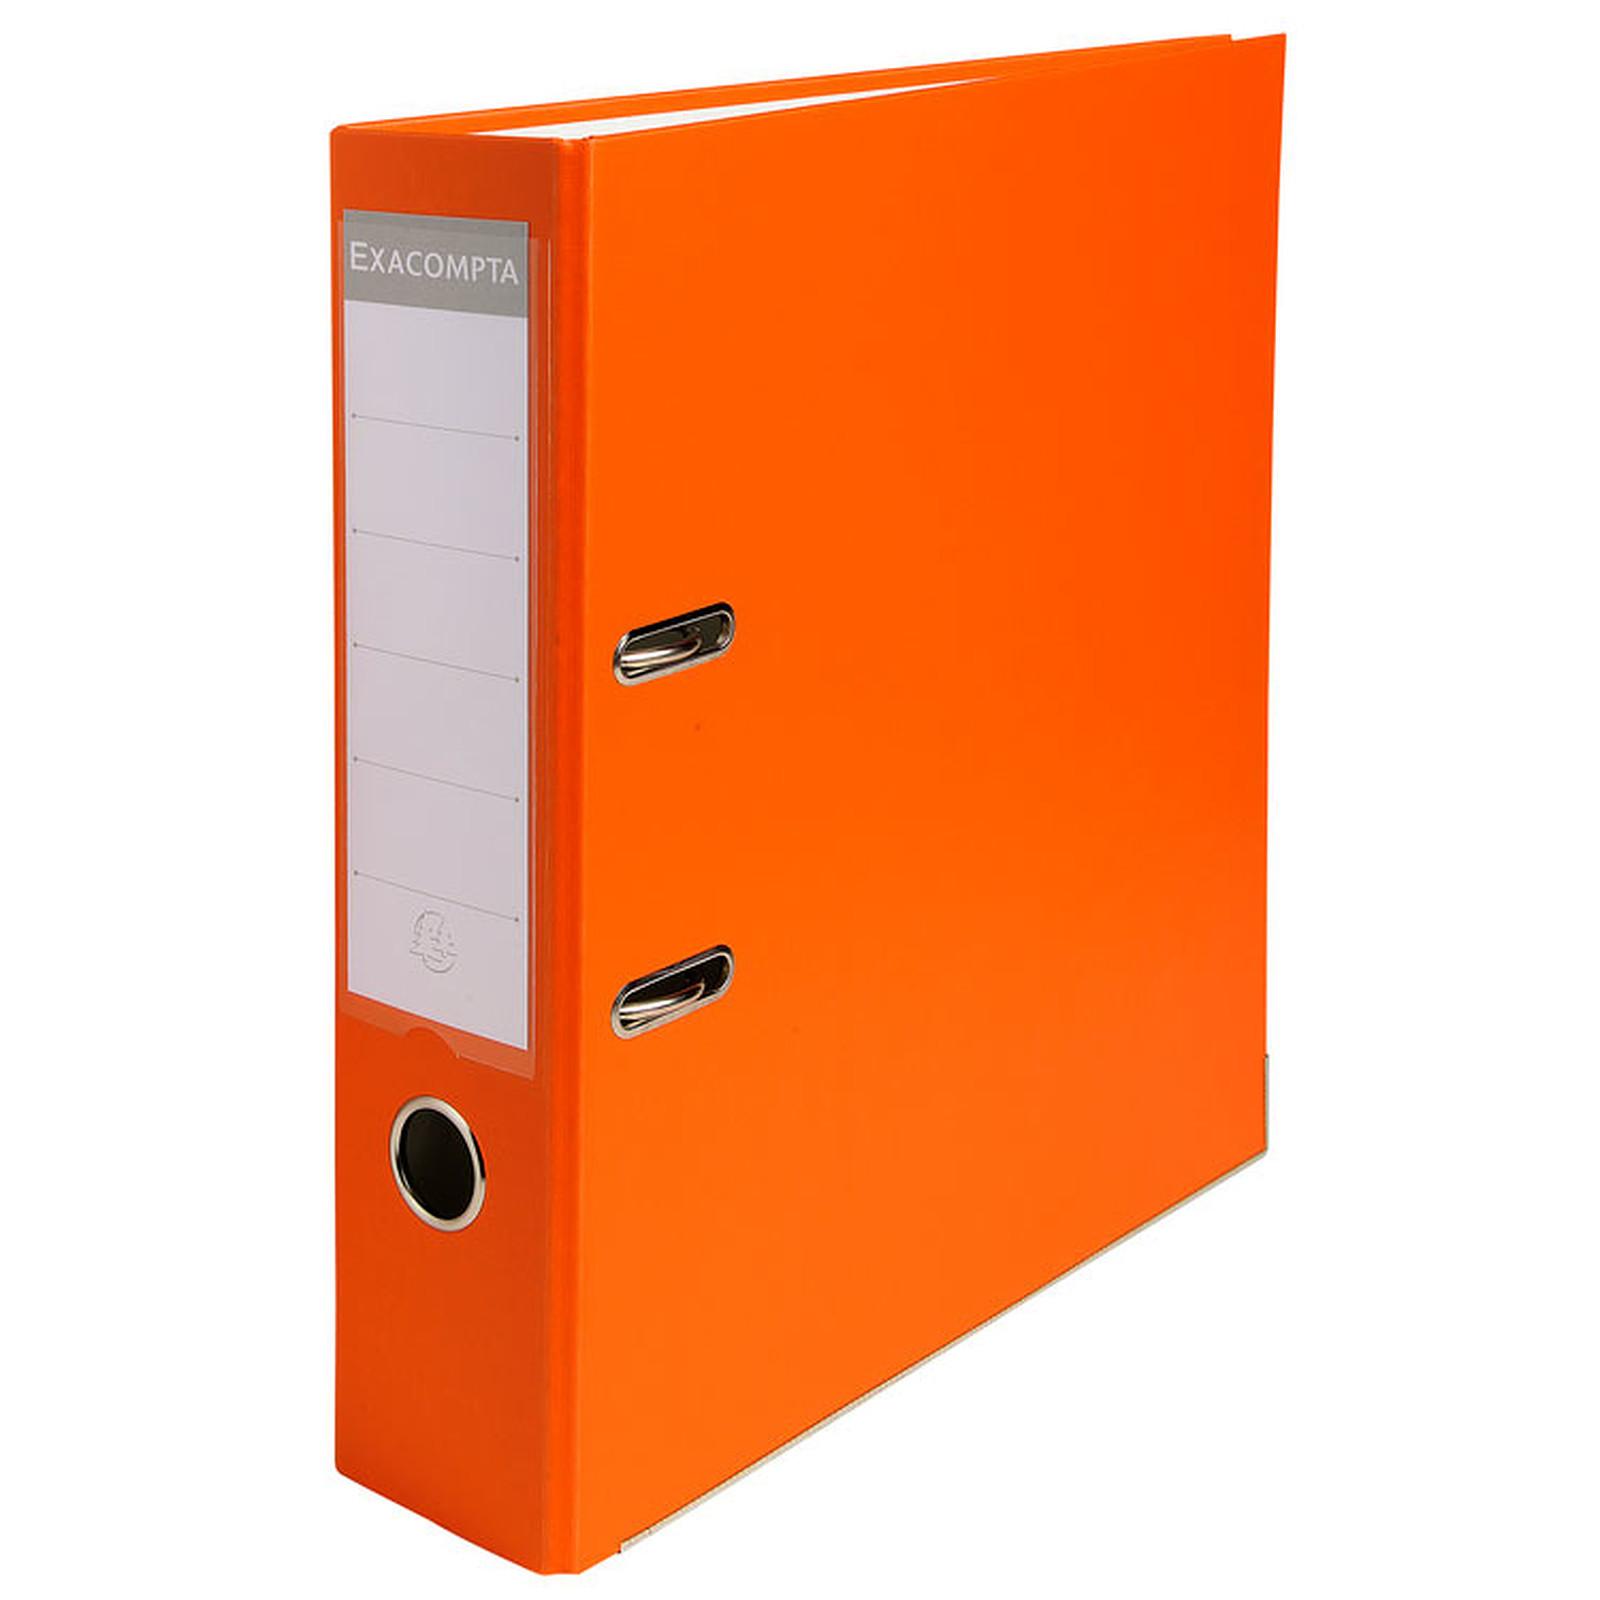 Exacompta Classeur à levier 80mm Orange